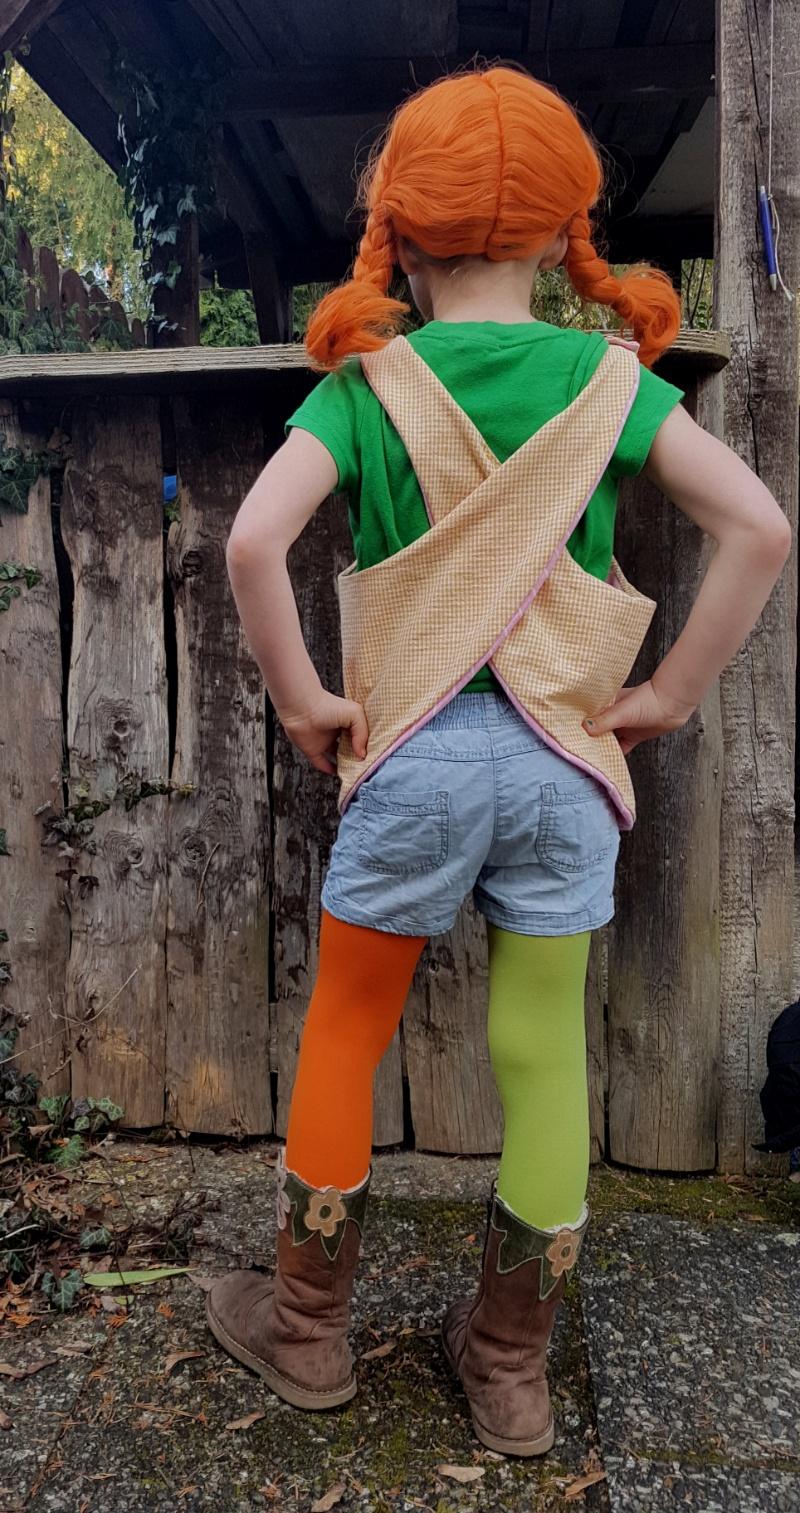 Wie Macht Man Ein Pippi Langstrumpf Kostüm Selbst Eine Diy Anleitung